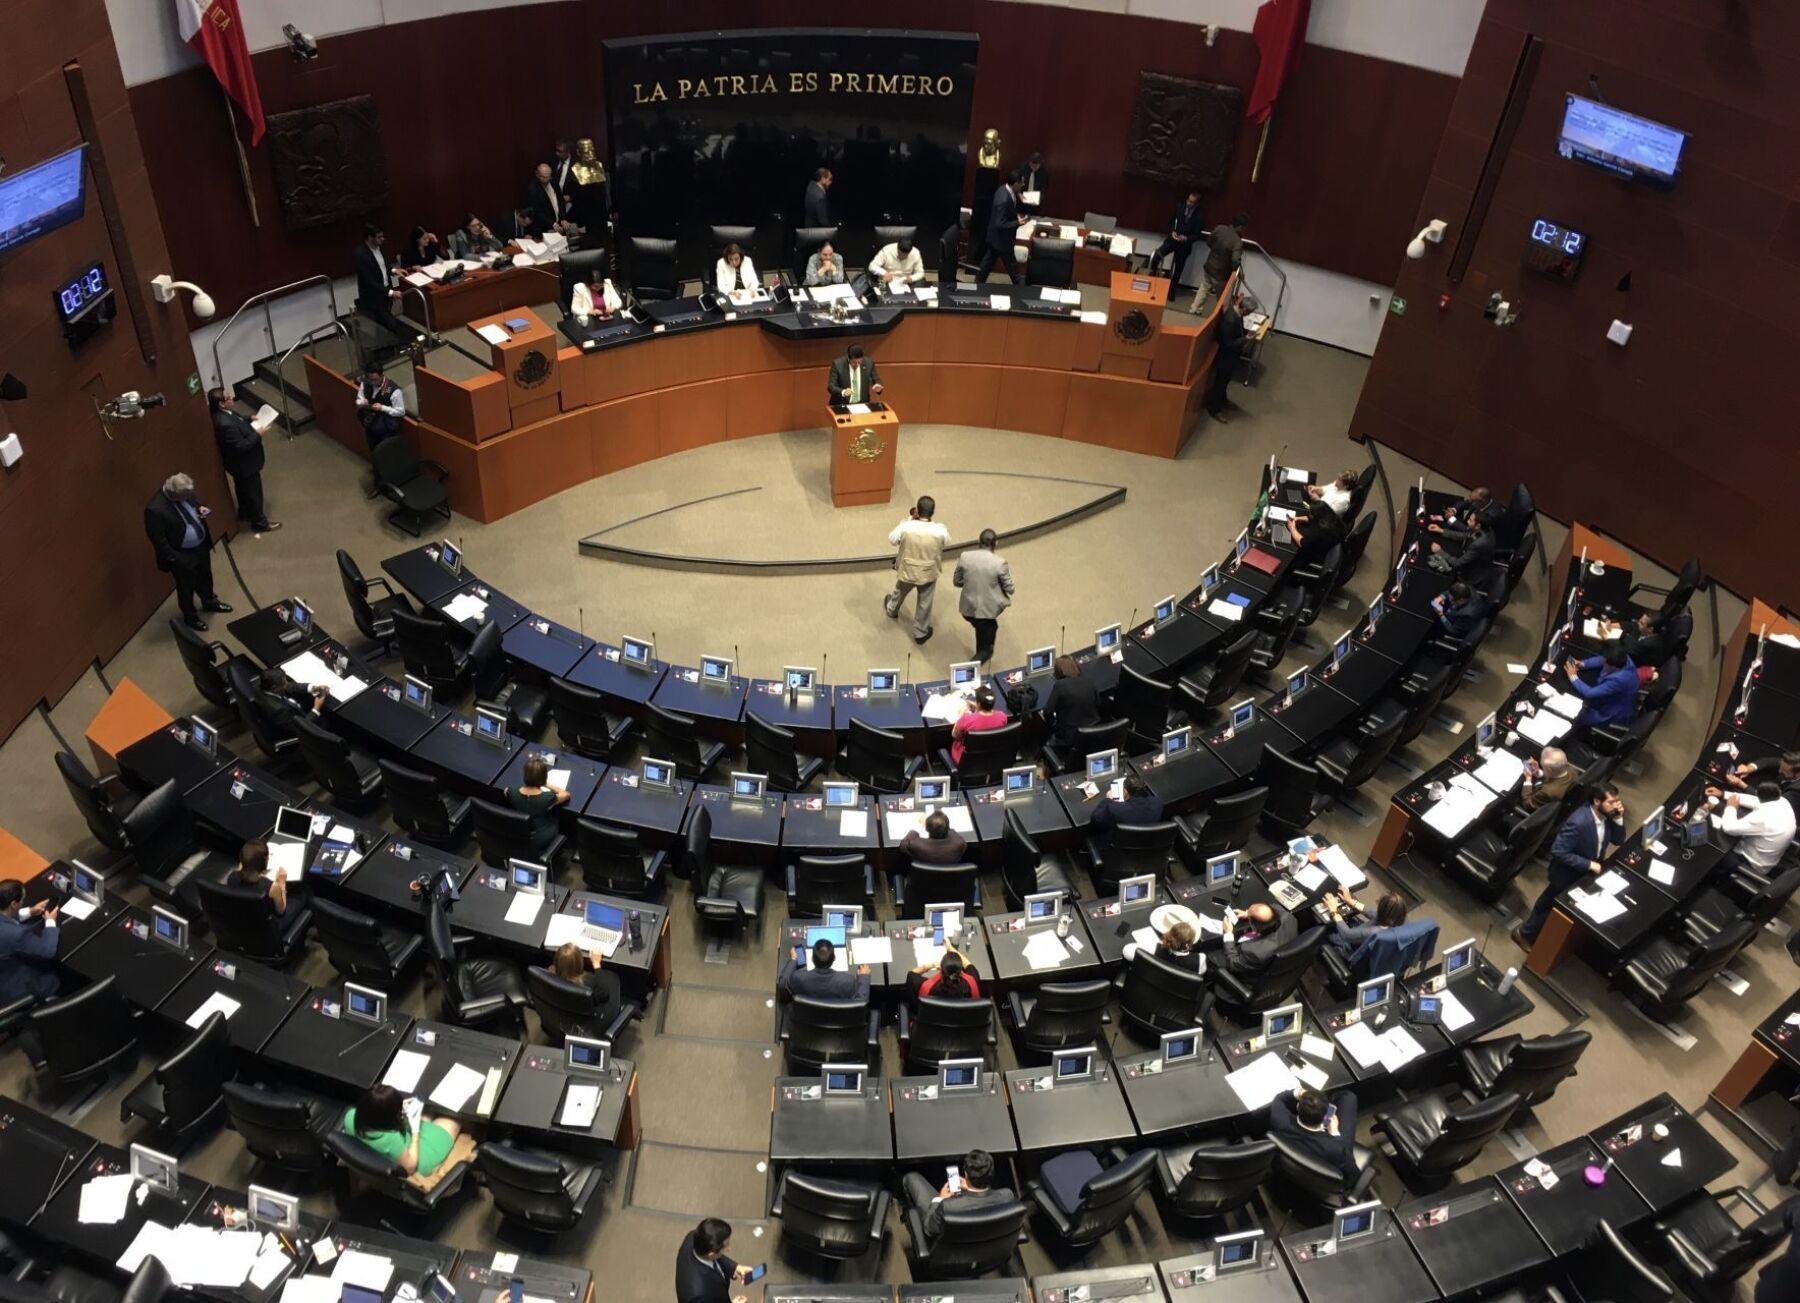 Con una asistencia de 90 senadores se lleva a cabo sesión ordinaria en la Cámara